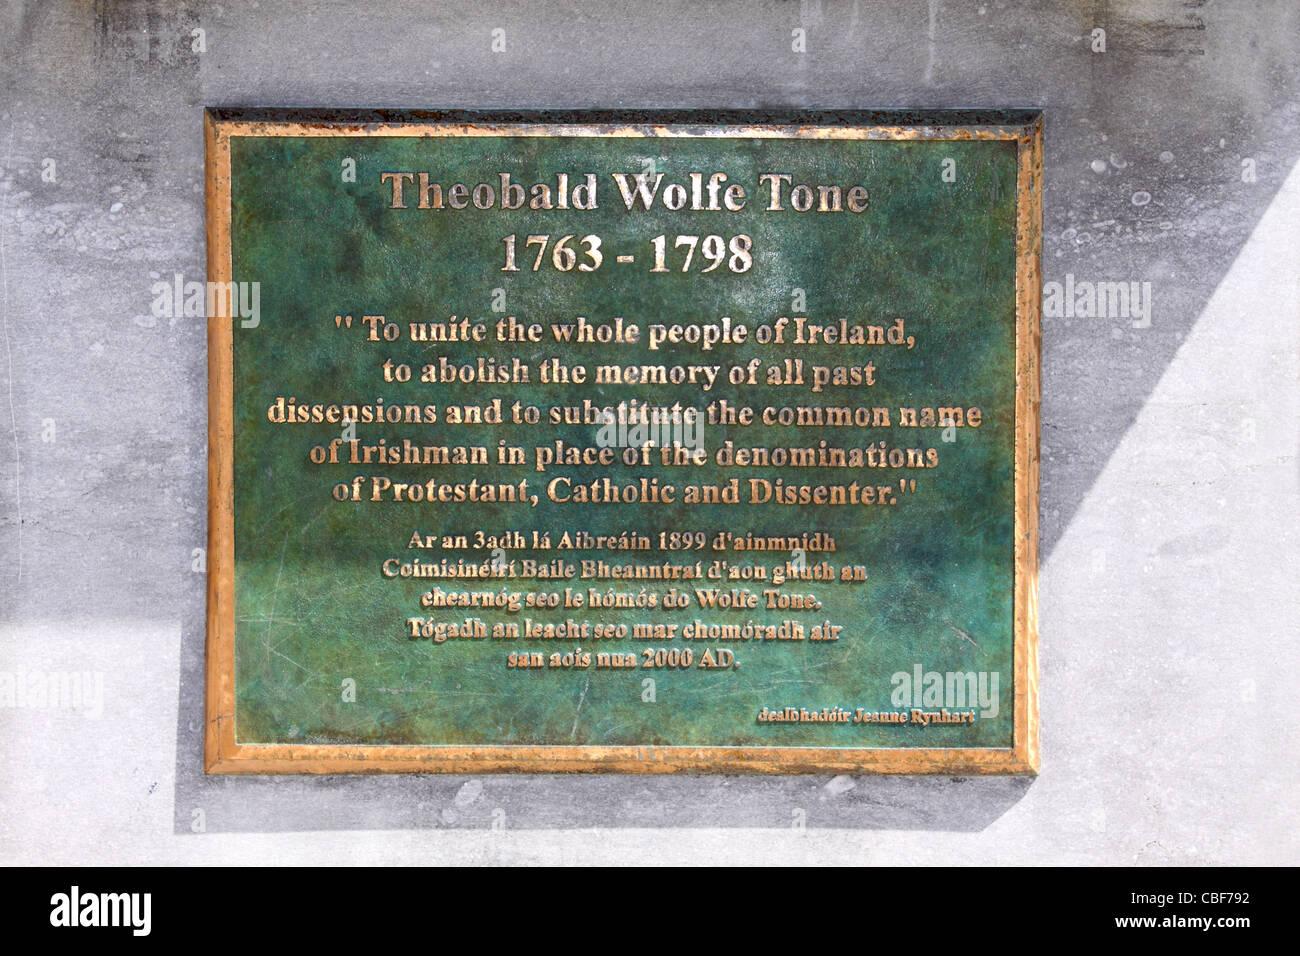 La placca sulla statua di Theobald Wolfe Tone nella piazza principale di Bantry, County Cork, Irlanda Immagini Stock